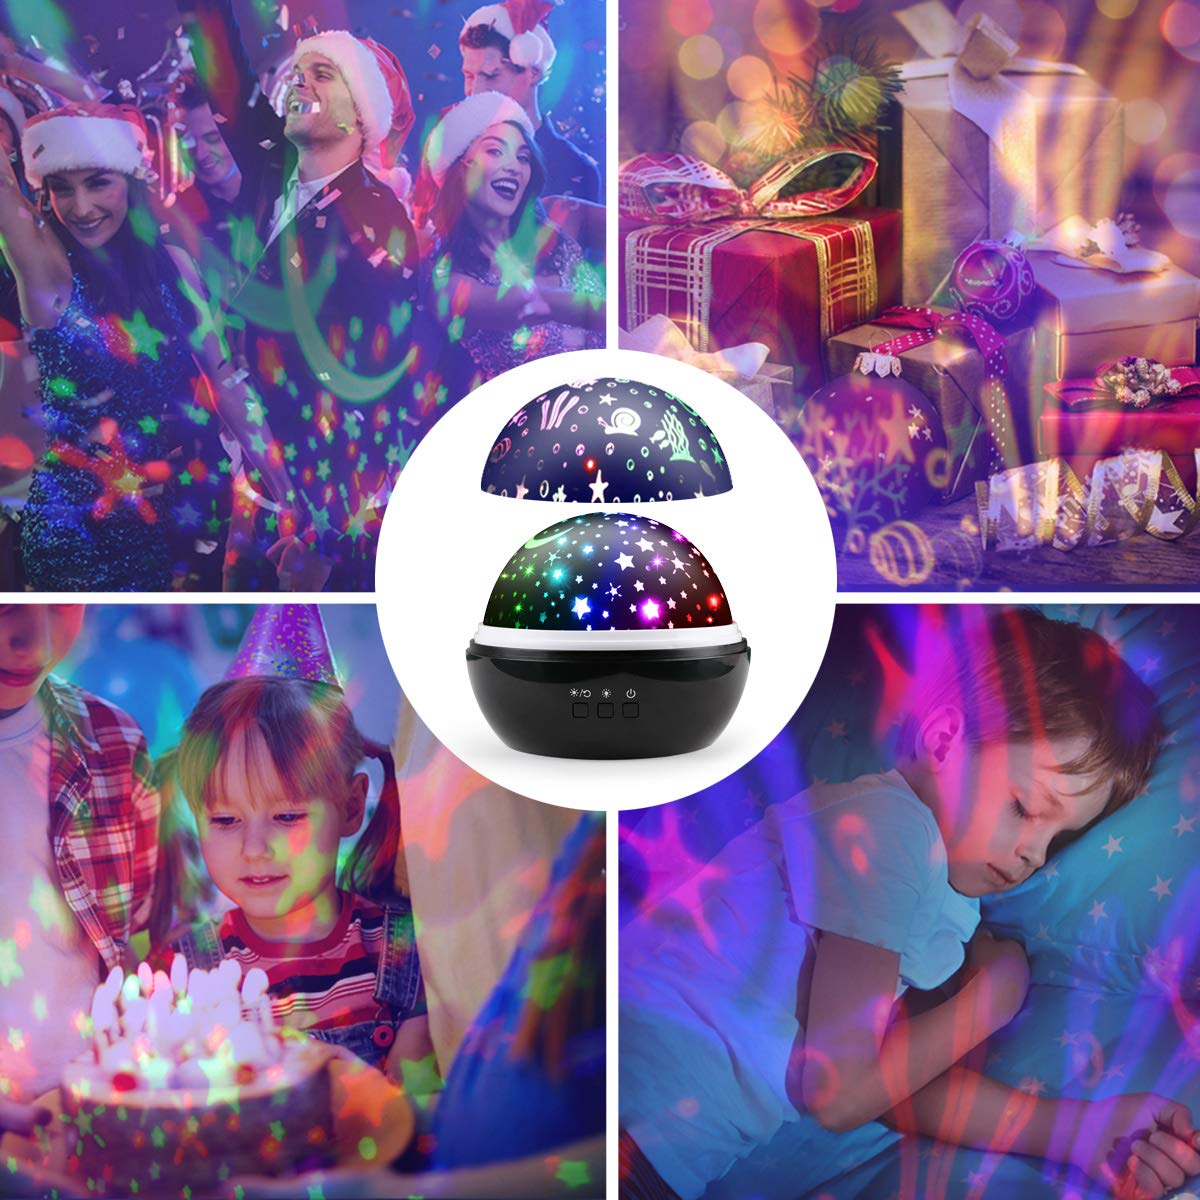 Sternenhimmel Projektor Lampe, Ifecco LED Nachtlicht Lampe 360° RotierendBeleuchtung mit 8 Romantische Licht, Perfektes Geschenk für Babys, Kinder, Geburtstag, Weihnachten, Halloween (Schwarz)